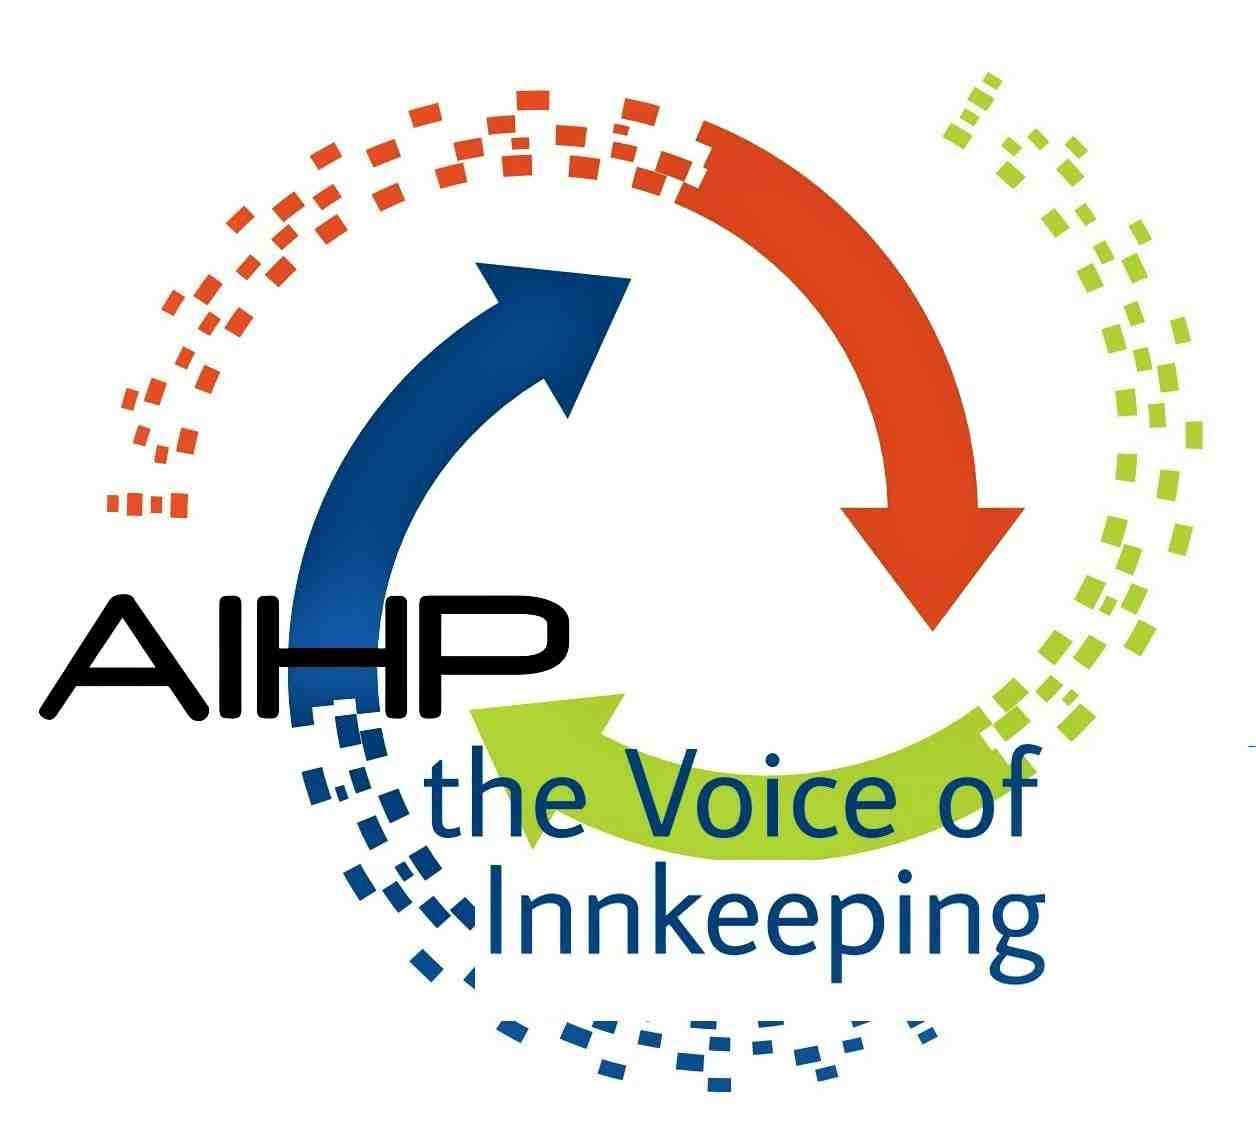 AIHP Member